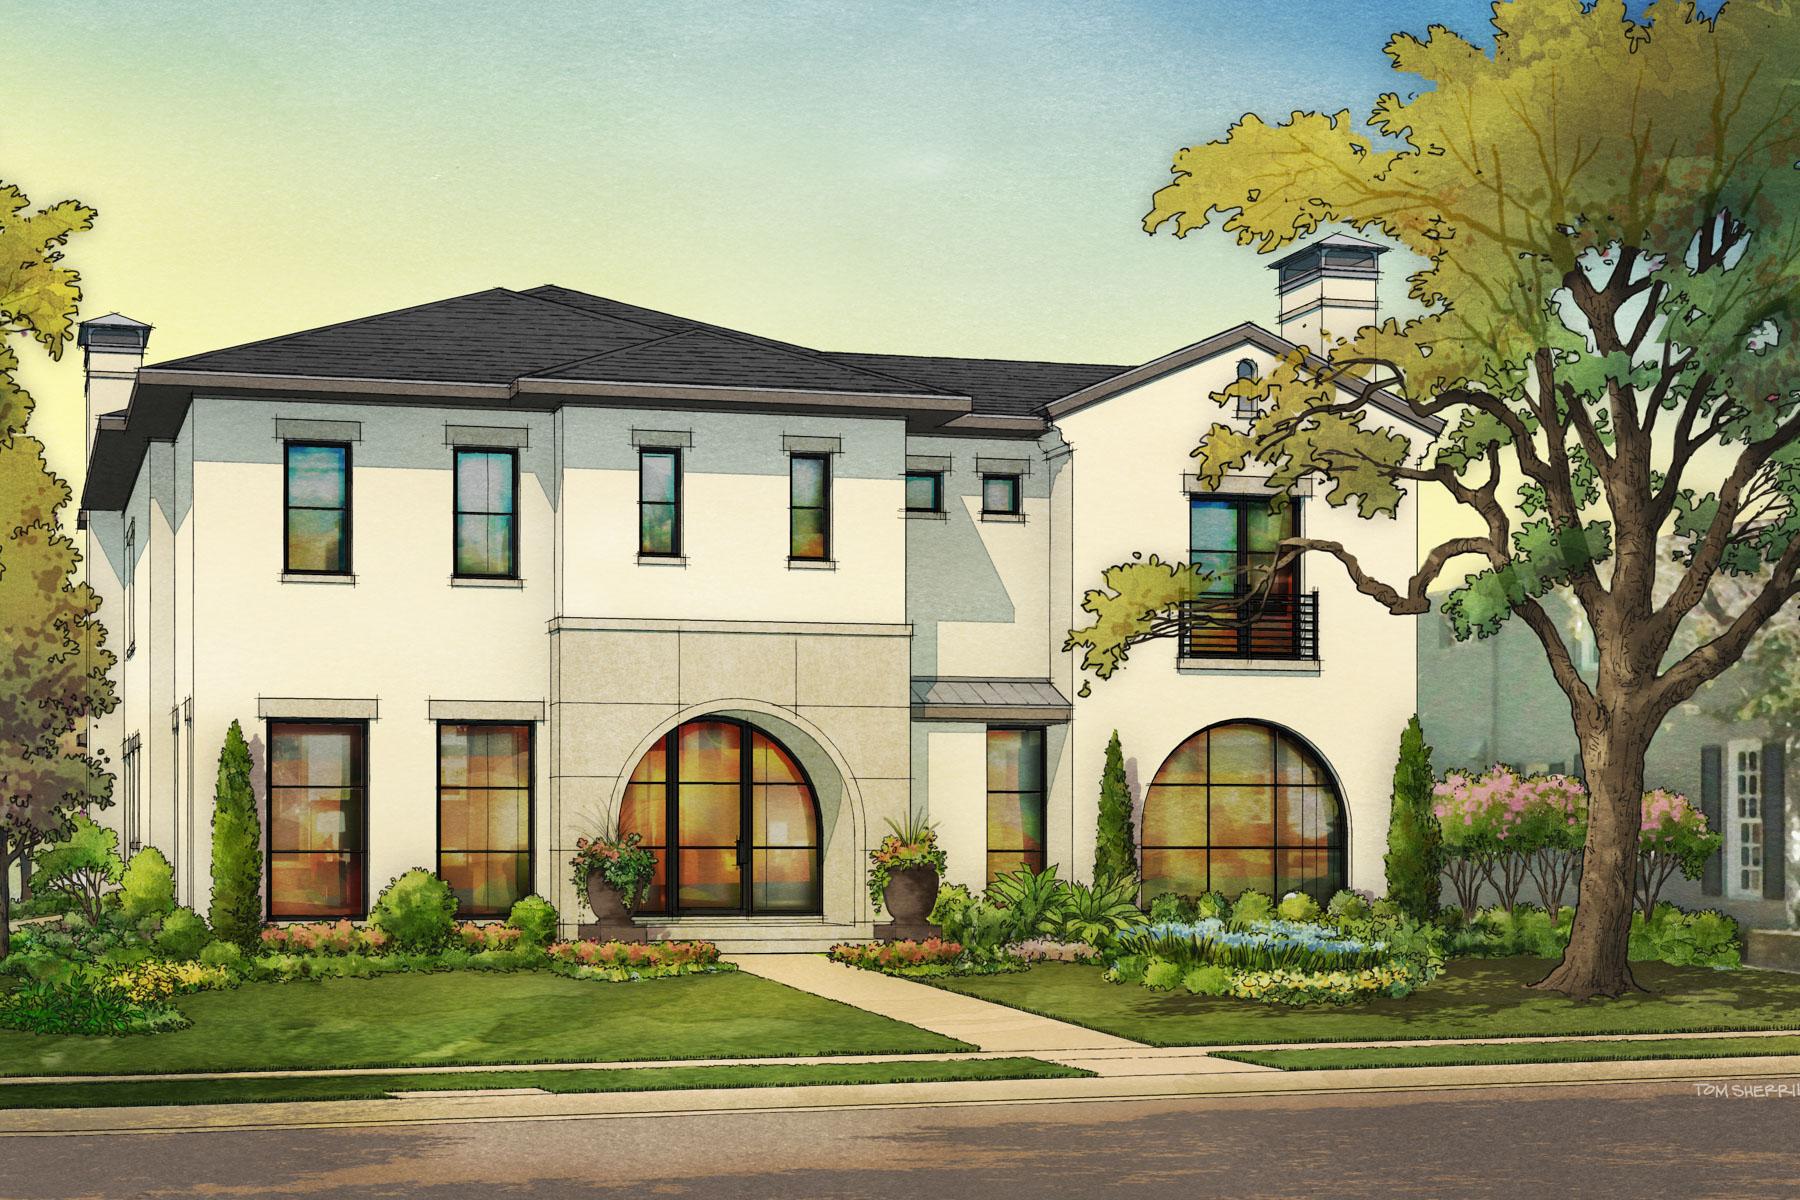 Single Family Home for Sale at 4428 Lorraine Avenue, Dallas Dallas, Texas, 75205 United States